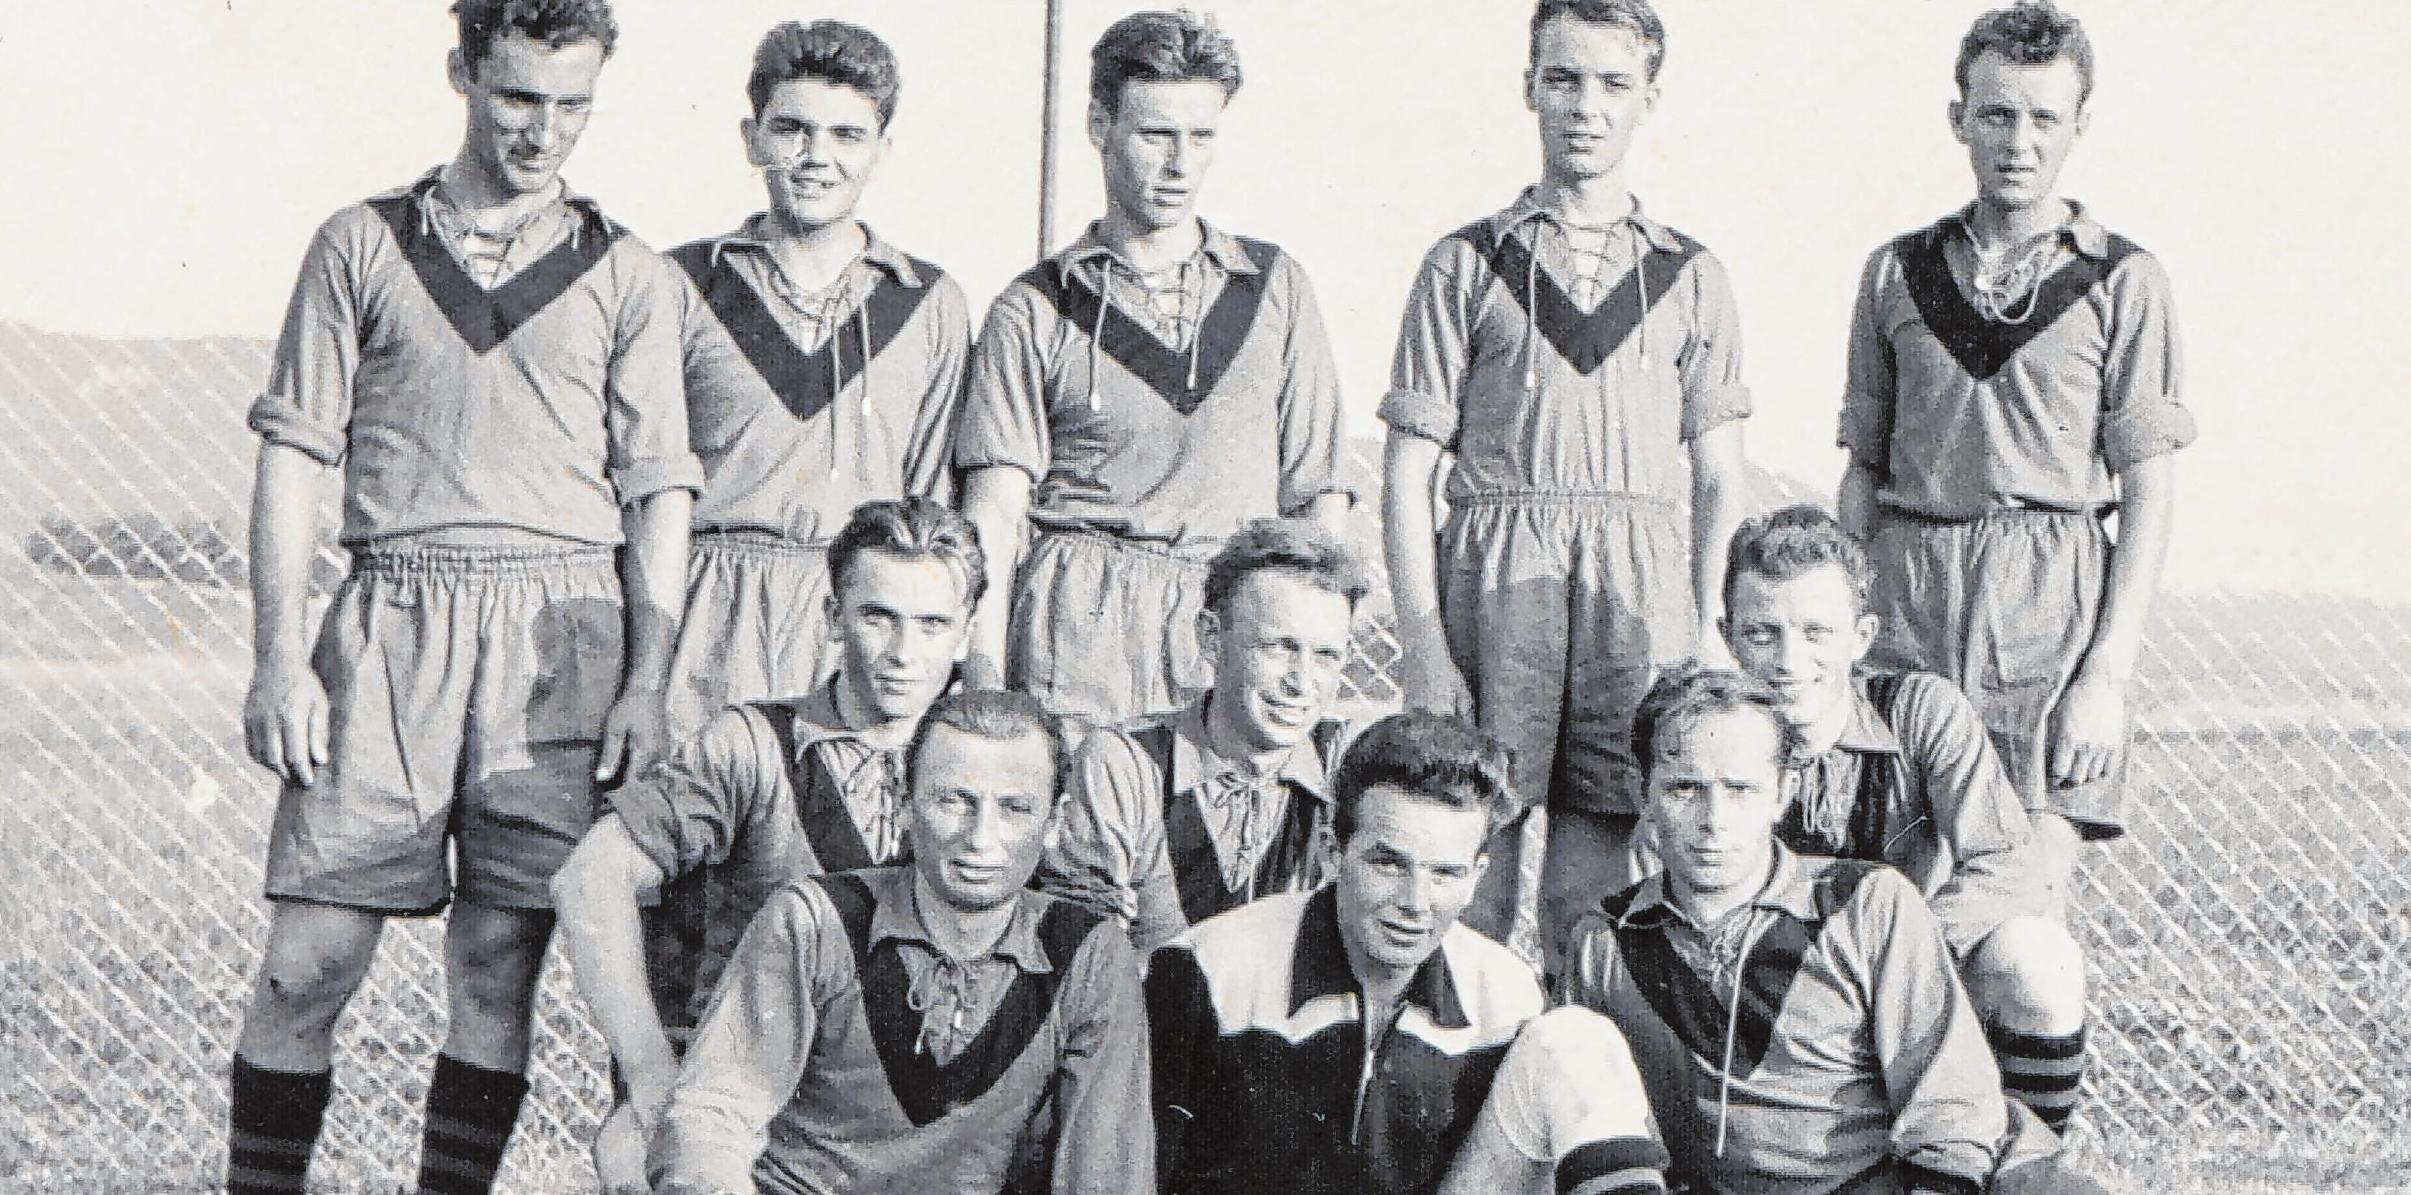 Die Wessinger gründeten 1959 einen eigenen Fußballclub. Mit viel Elan stellten sich die Spieler der Konkurrenz in der Verbandsrunde. Fotos: Jörg Wahl